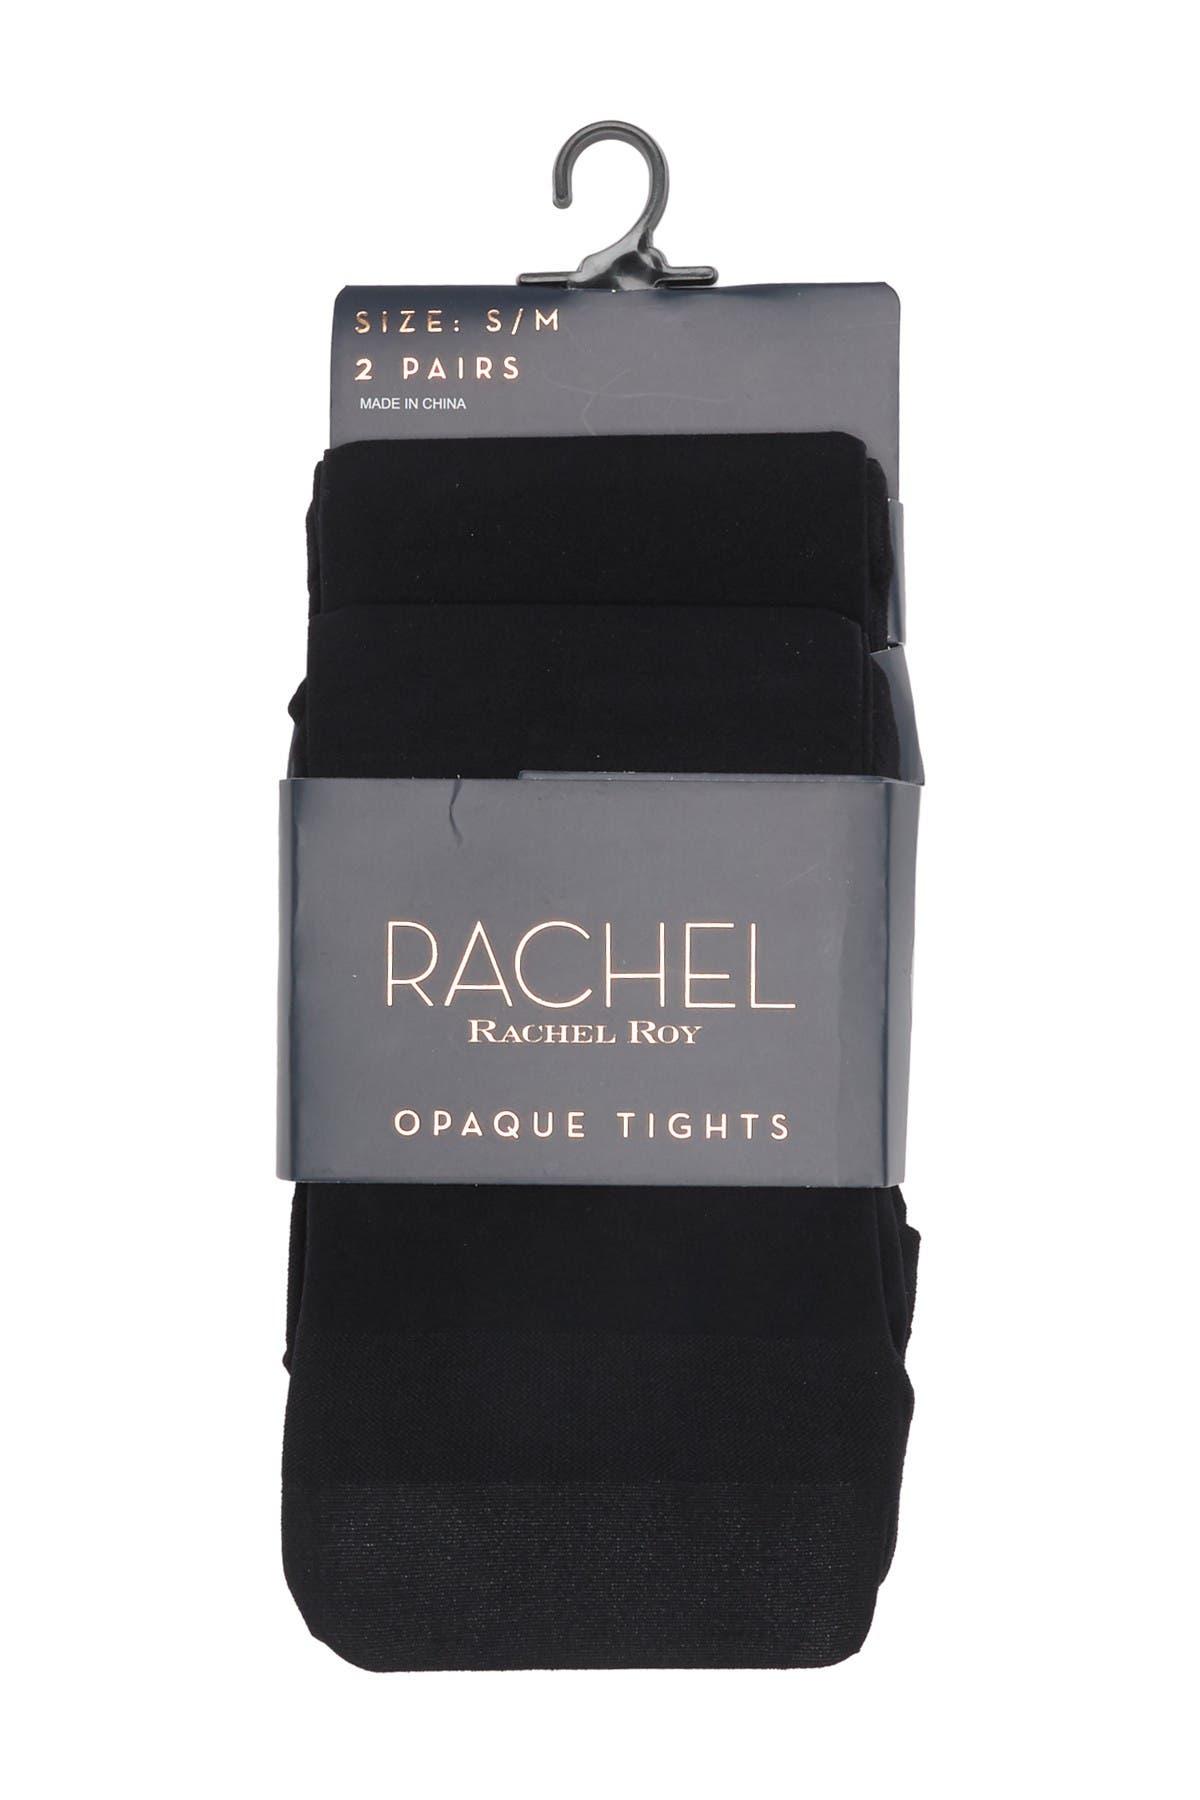 Image of RACHEL Rachel Roy Opaque Tights - Pack of 2